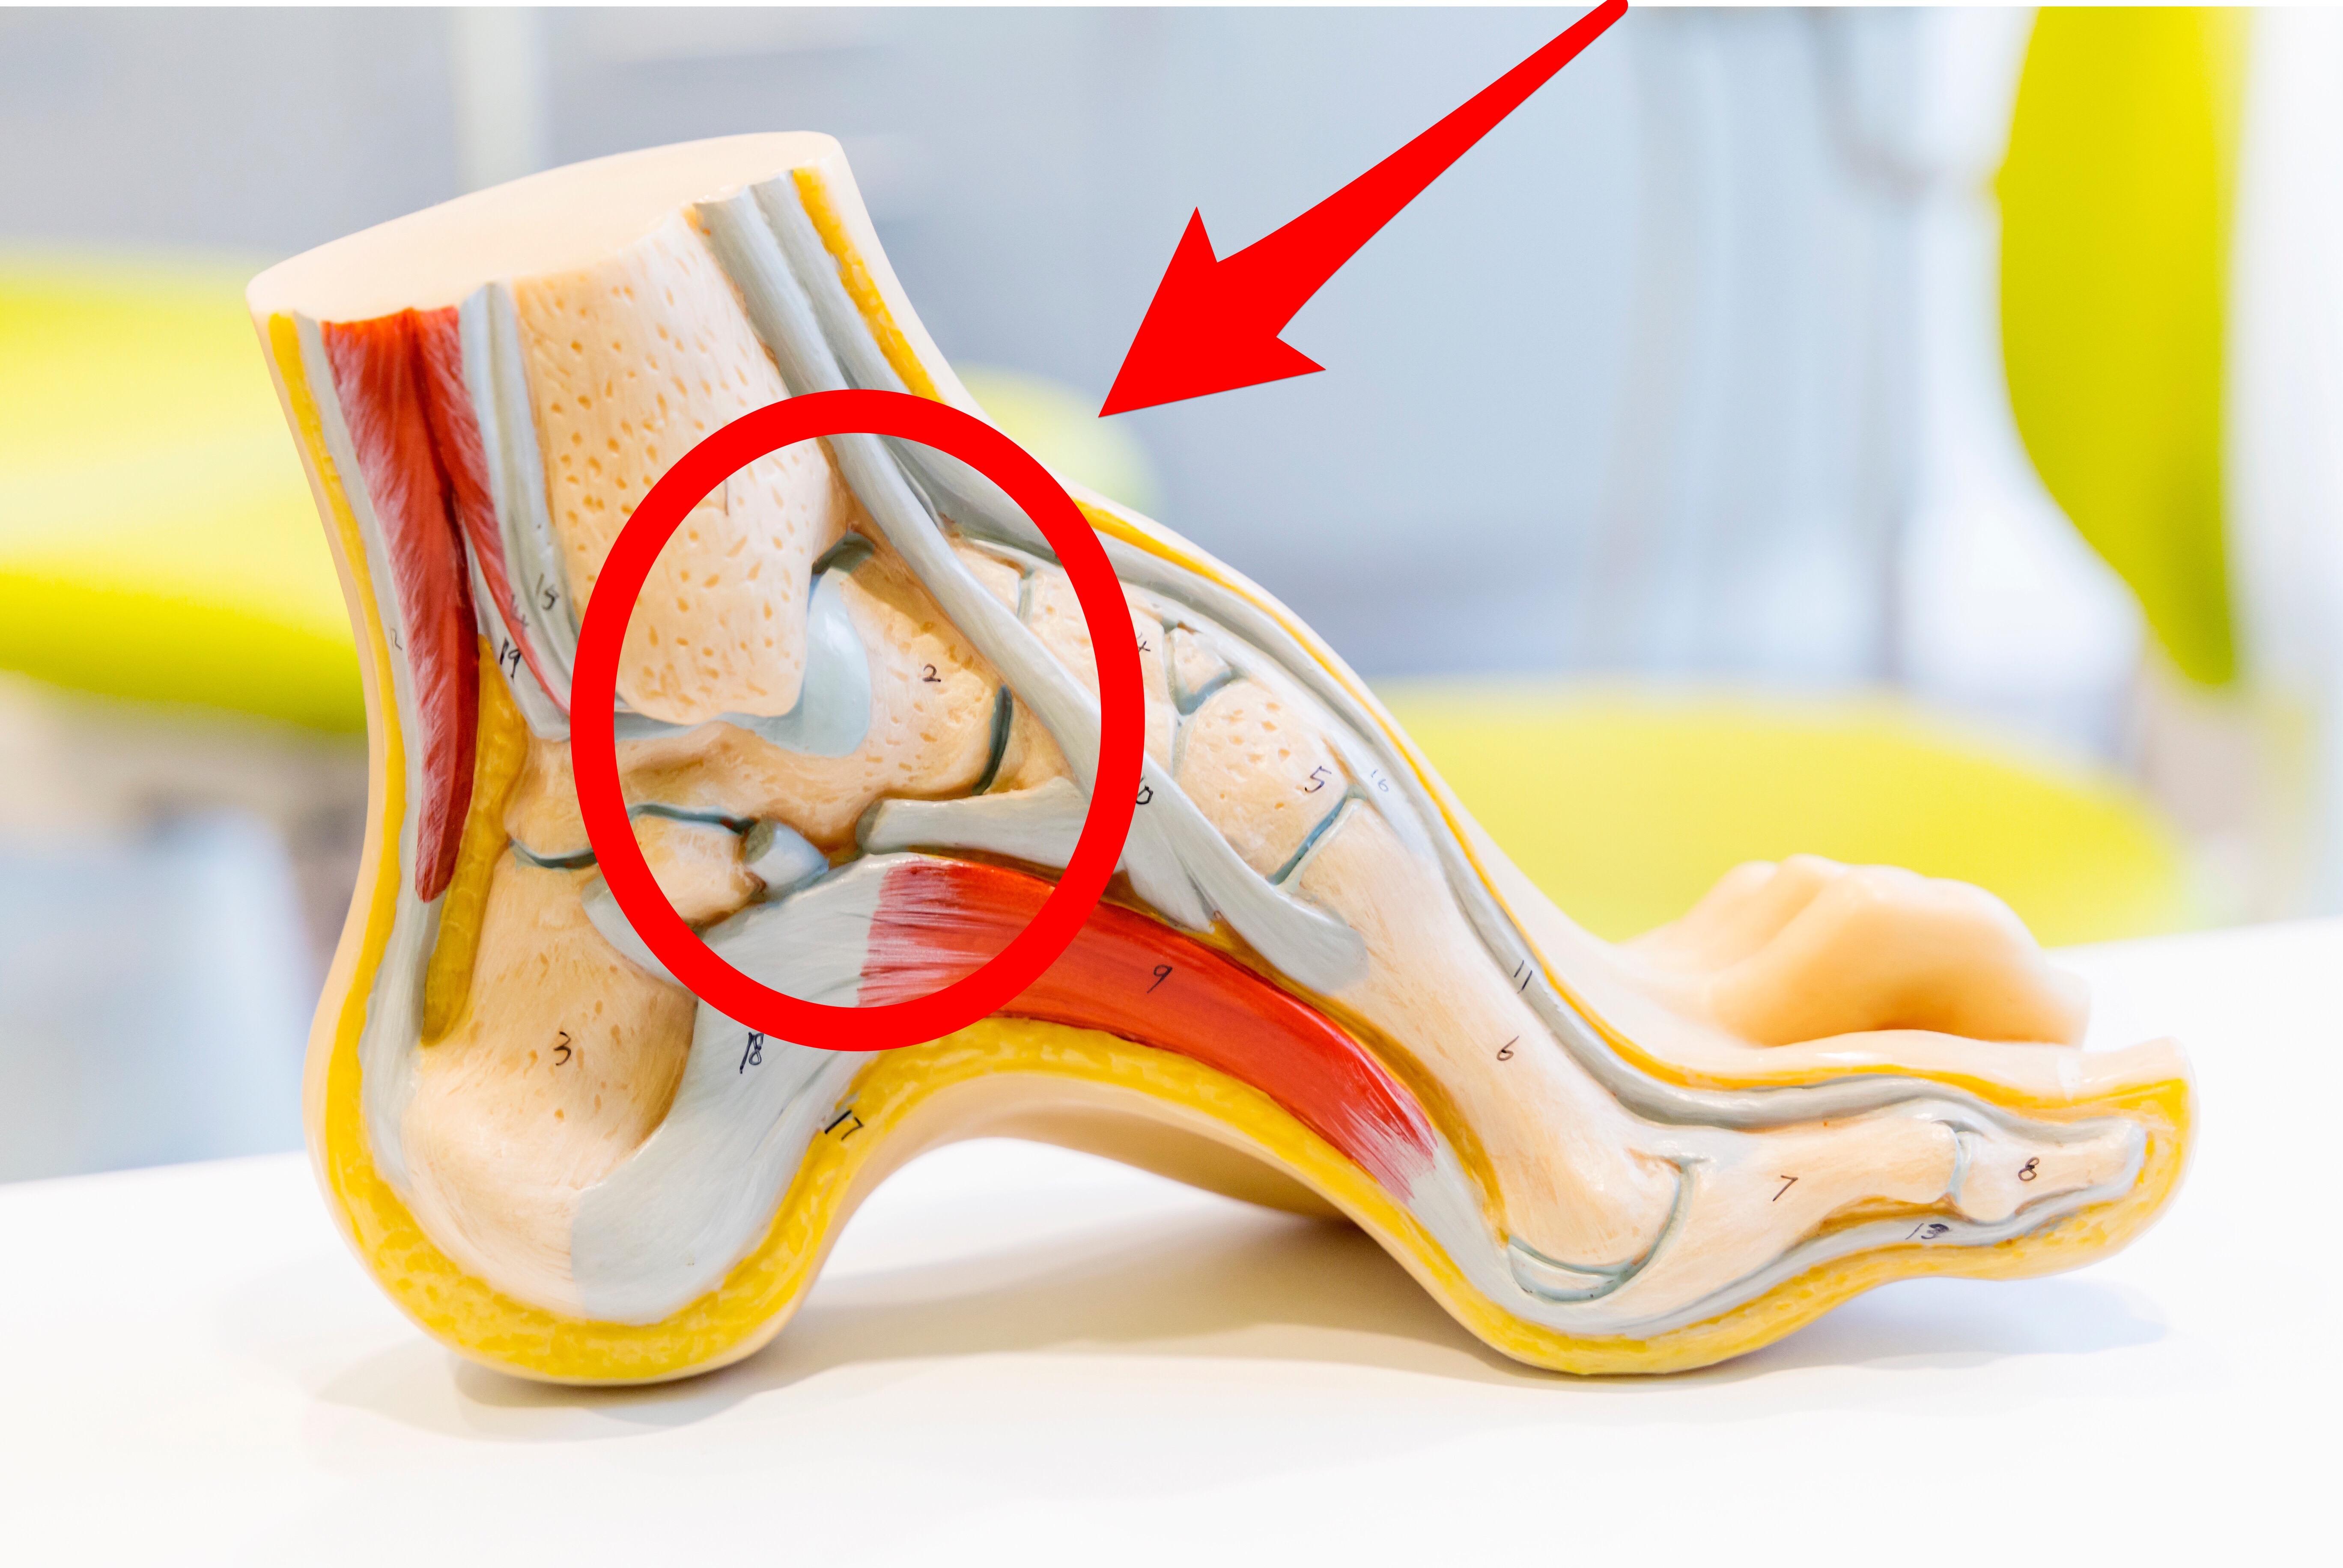 腰のヘルニア、狭窄症、すべり症も合わせて持病がある方が、フラメンコで腰が痛くならなくなったのは、足裏からの機能改善にありました